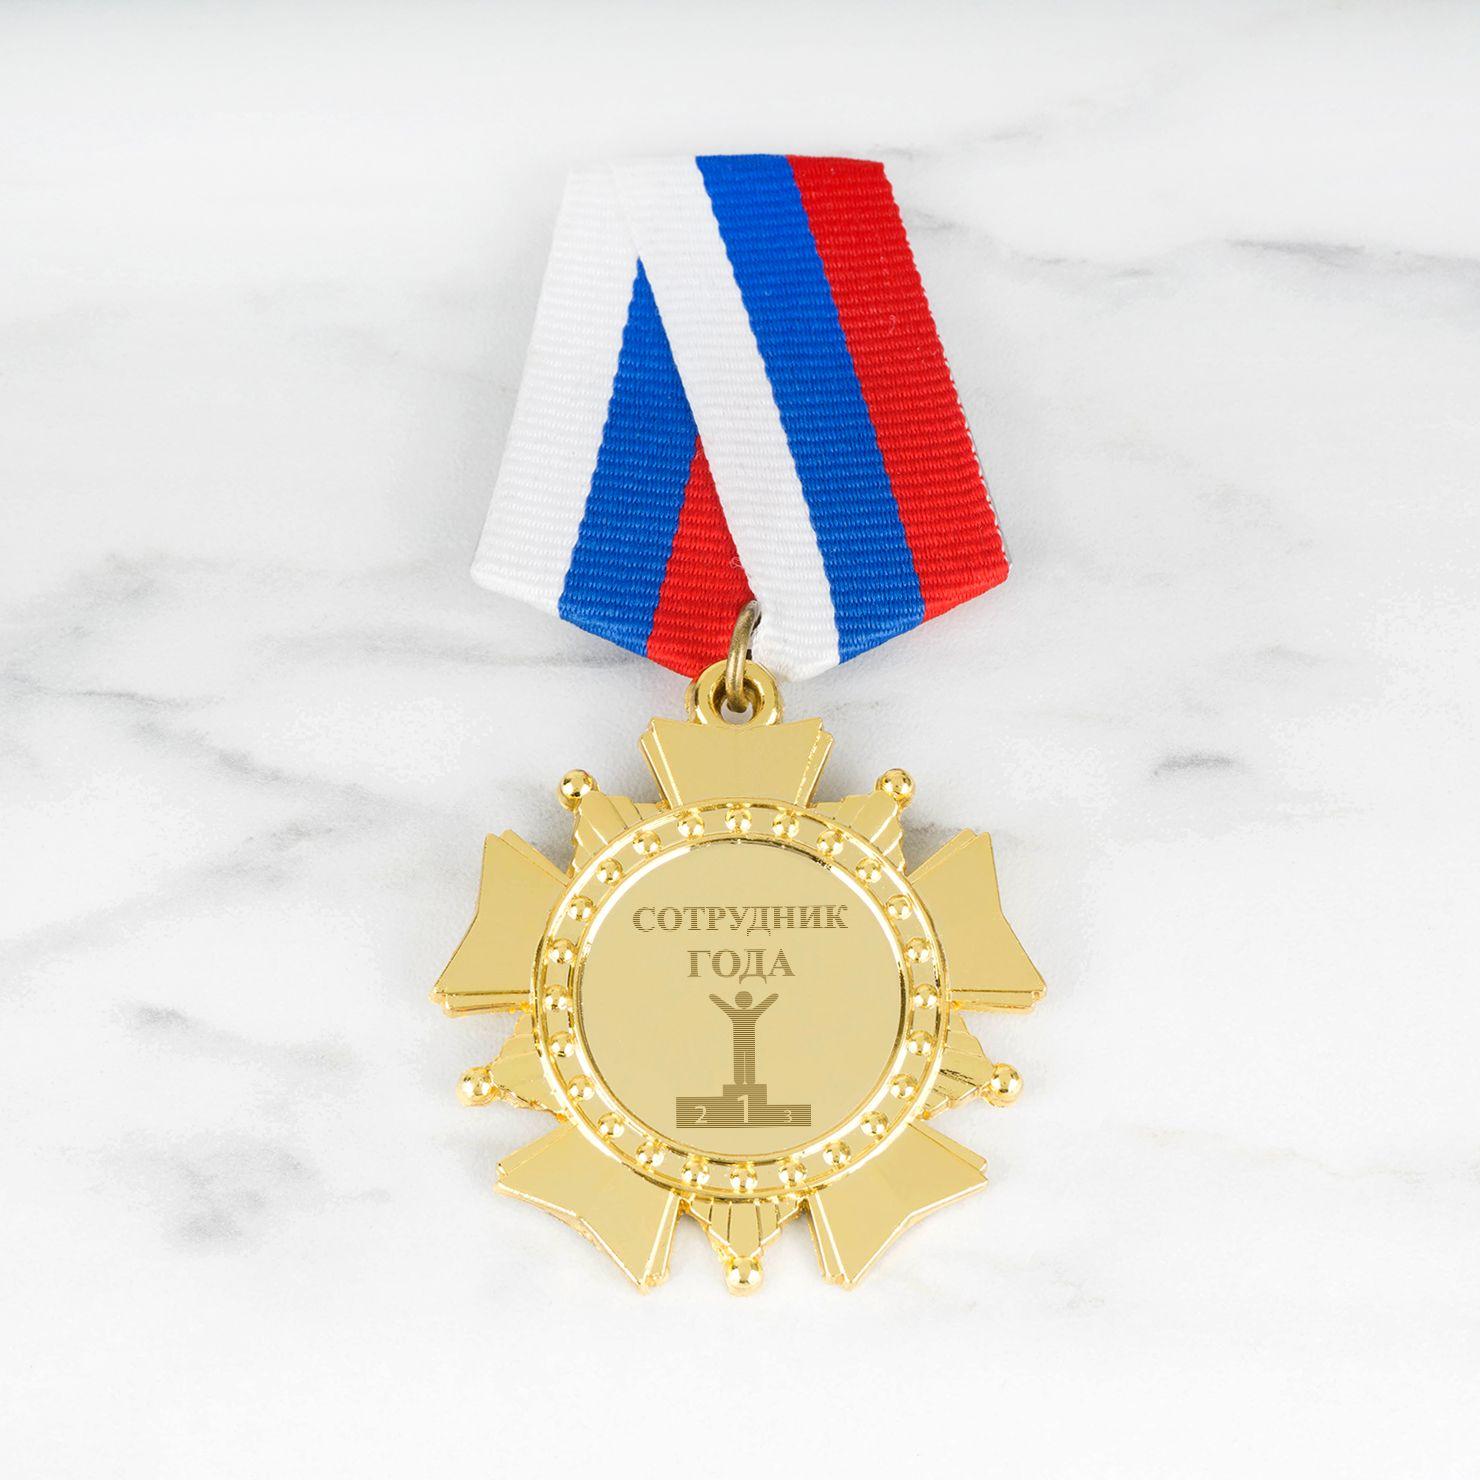 Орден *Сотрудник года*